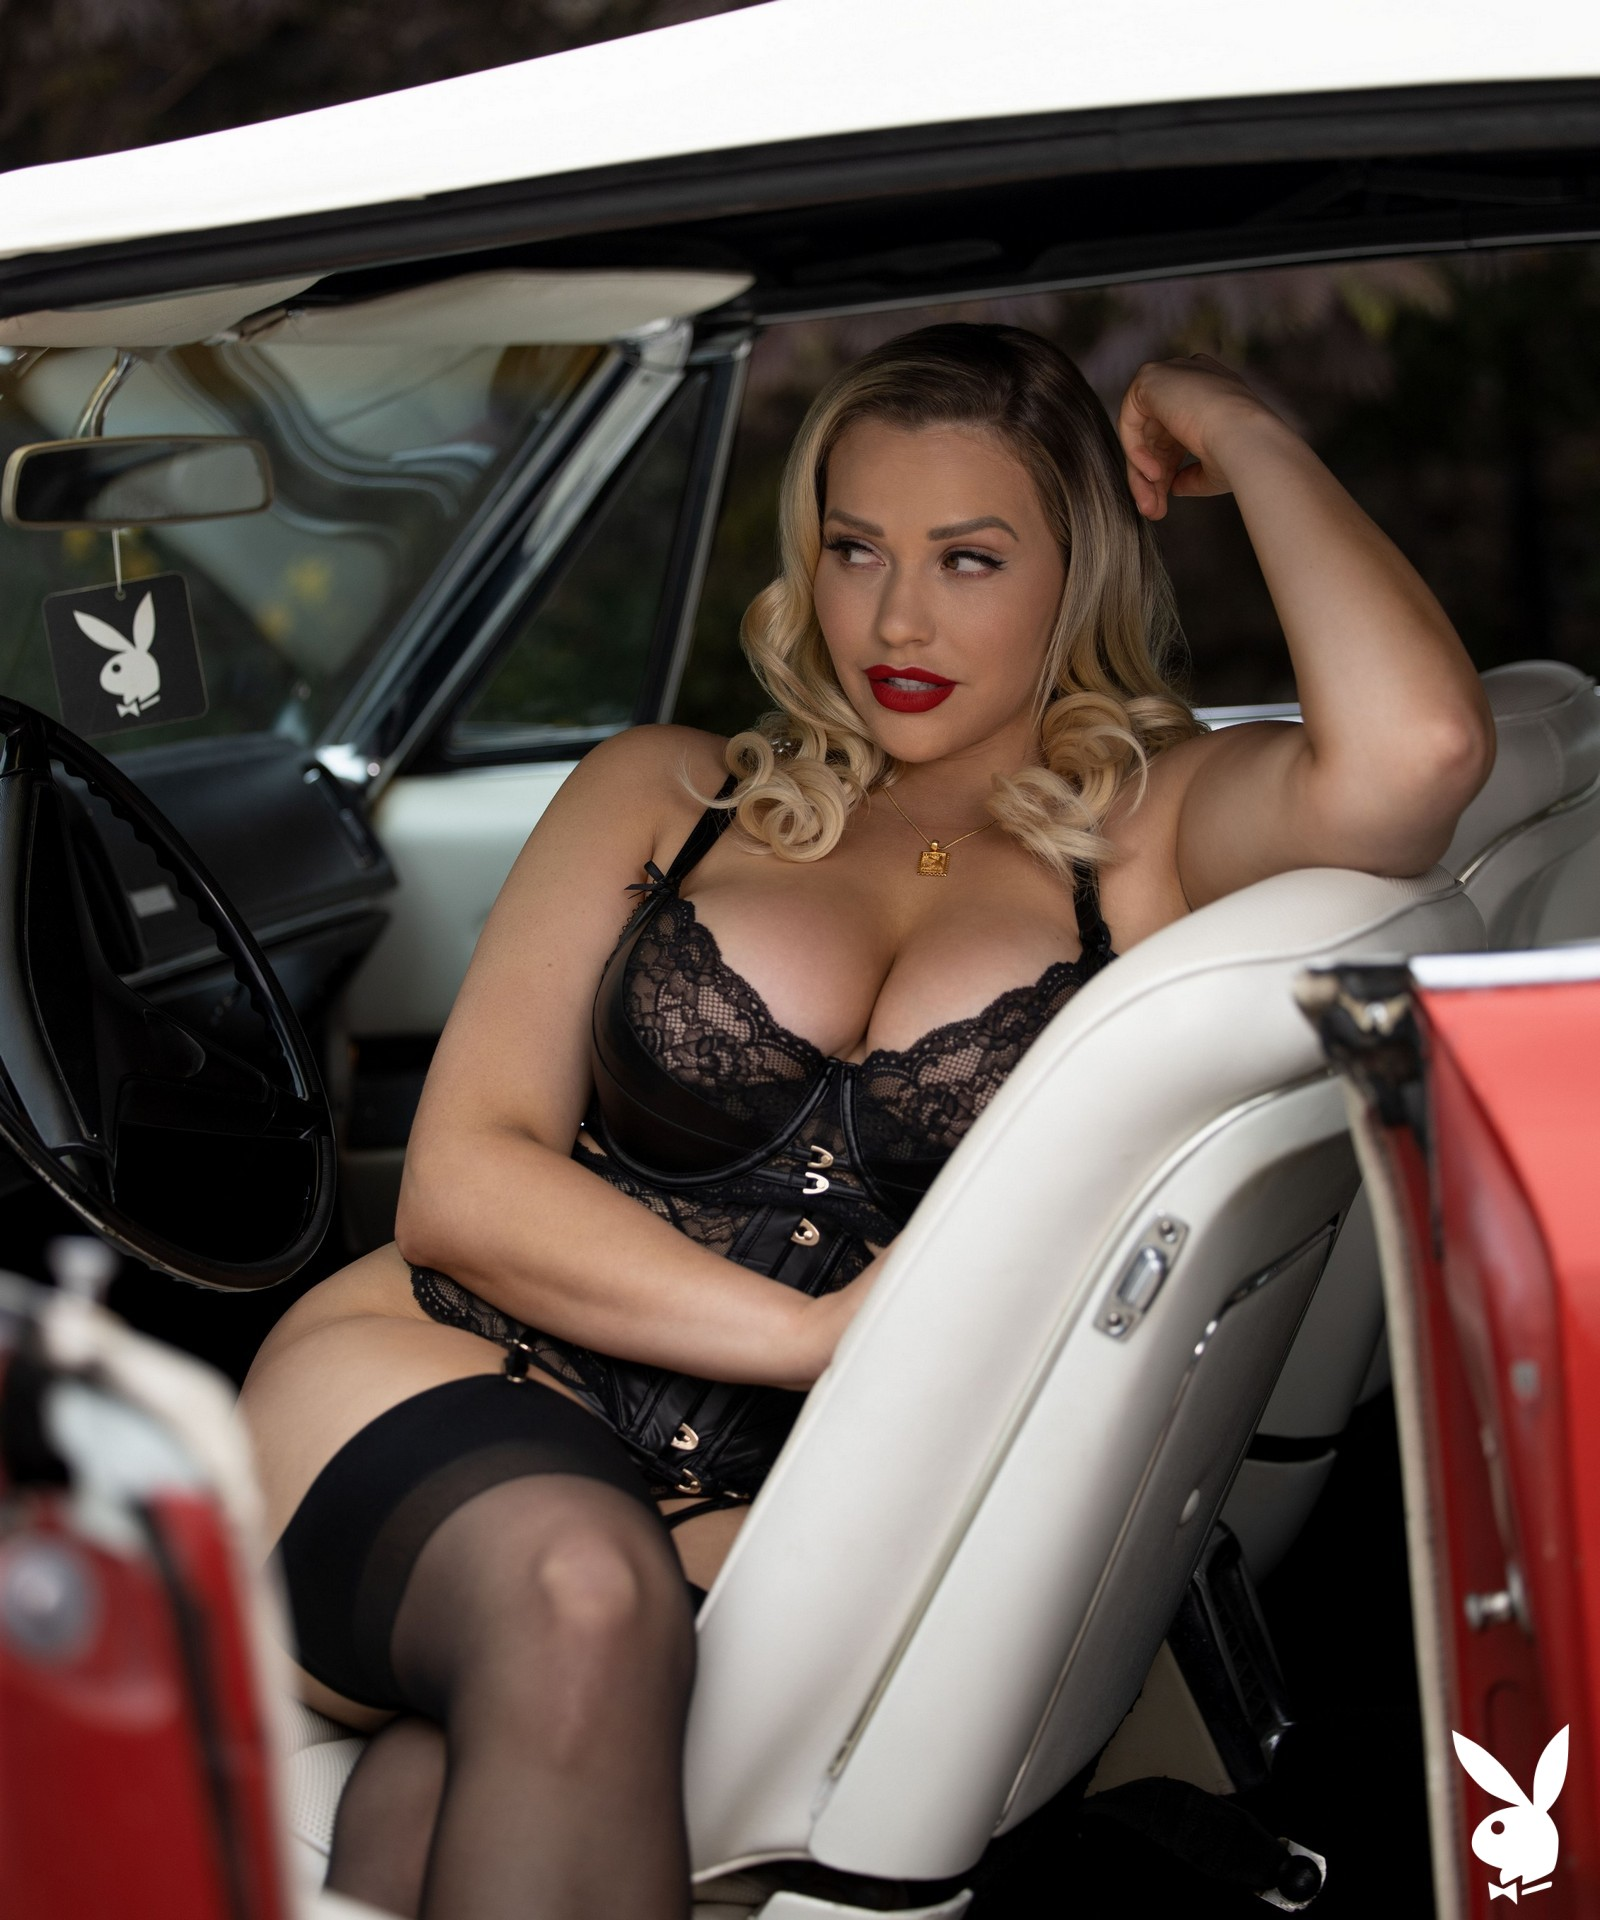 Mia Malkova In Drive Me Wild Playboy Plus (12)